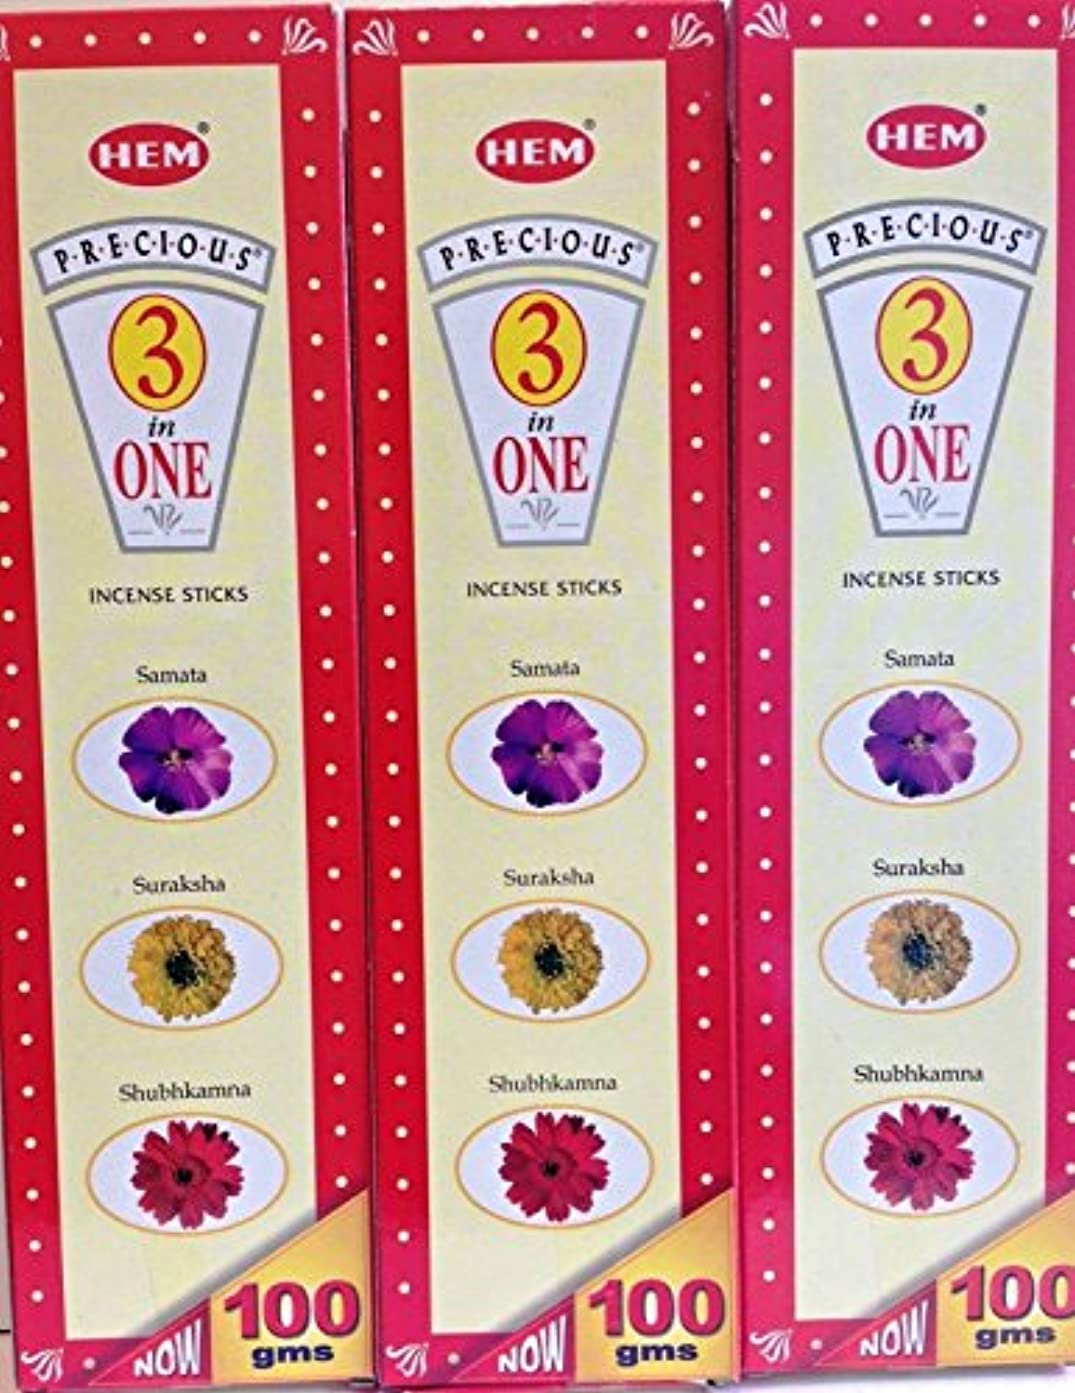 作業扱いやすい分類Hem Precious 3 in 1 Incense Sticks 100 g x 3パック( 75 sticks per pack x 3 )